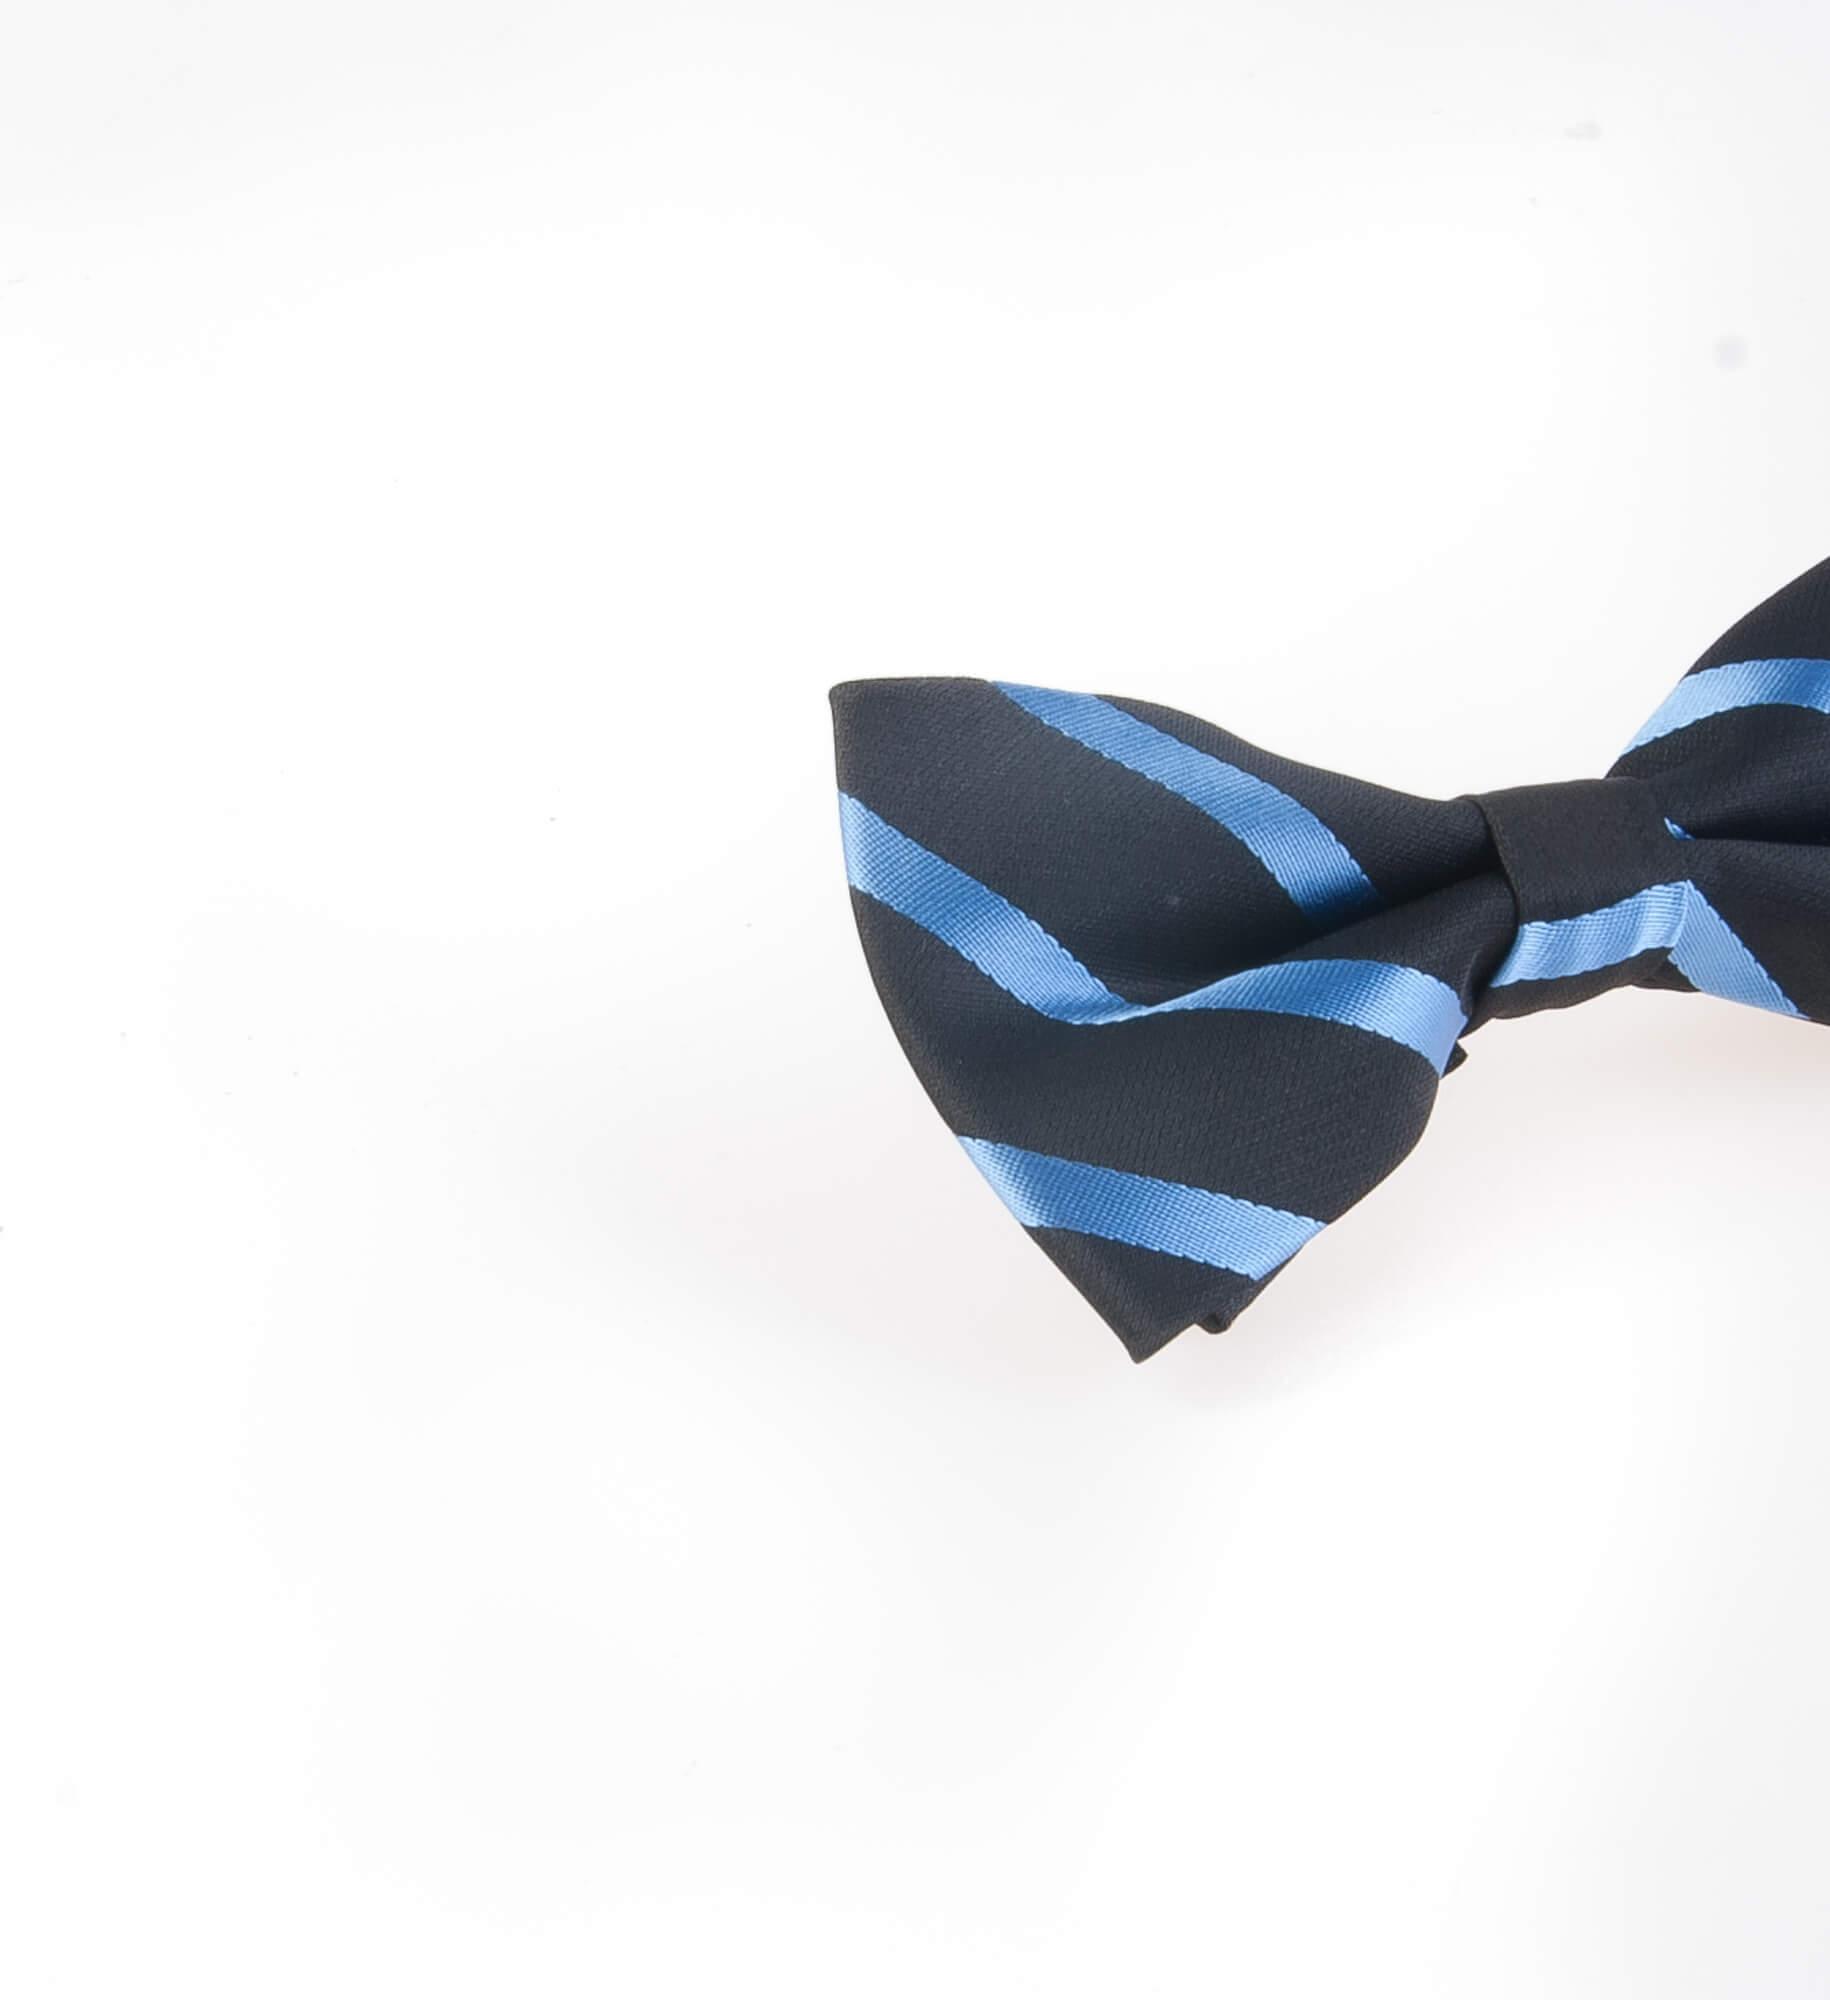 پاپیون طرح دار مردانه ساتن رنگ مشکی-آبی BT1074